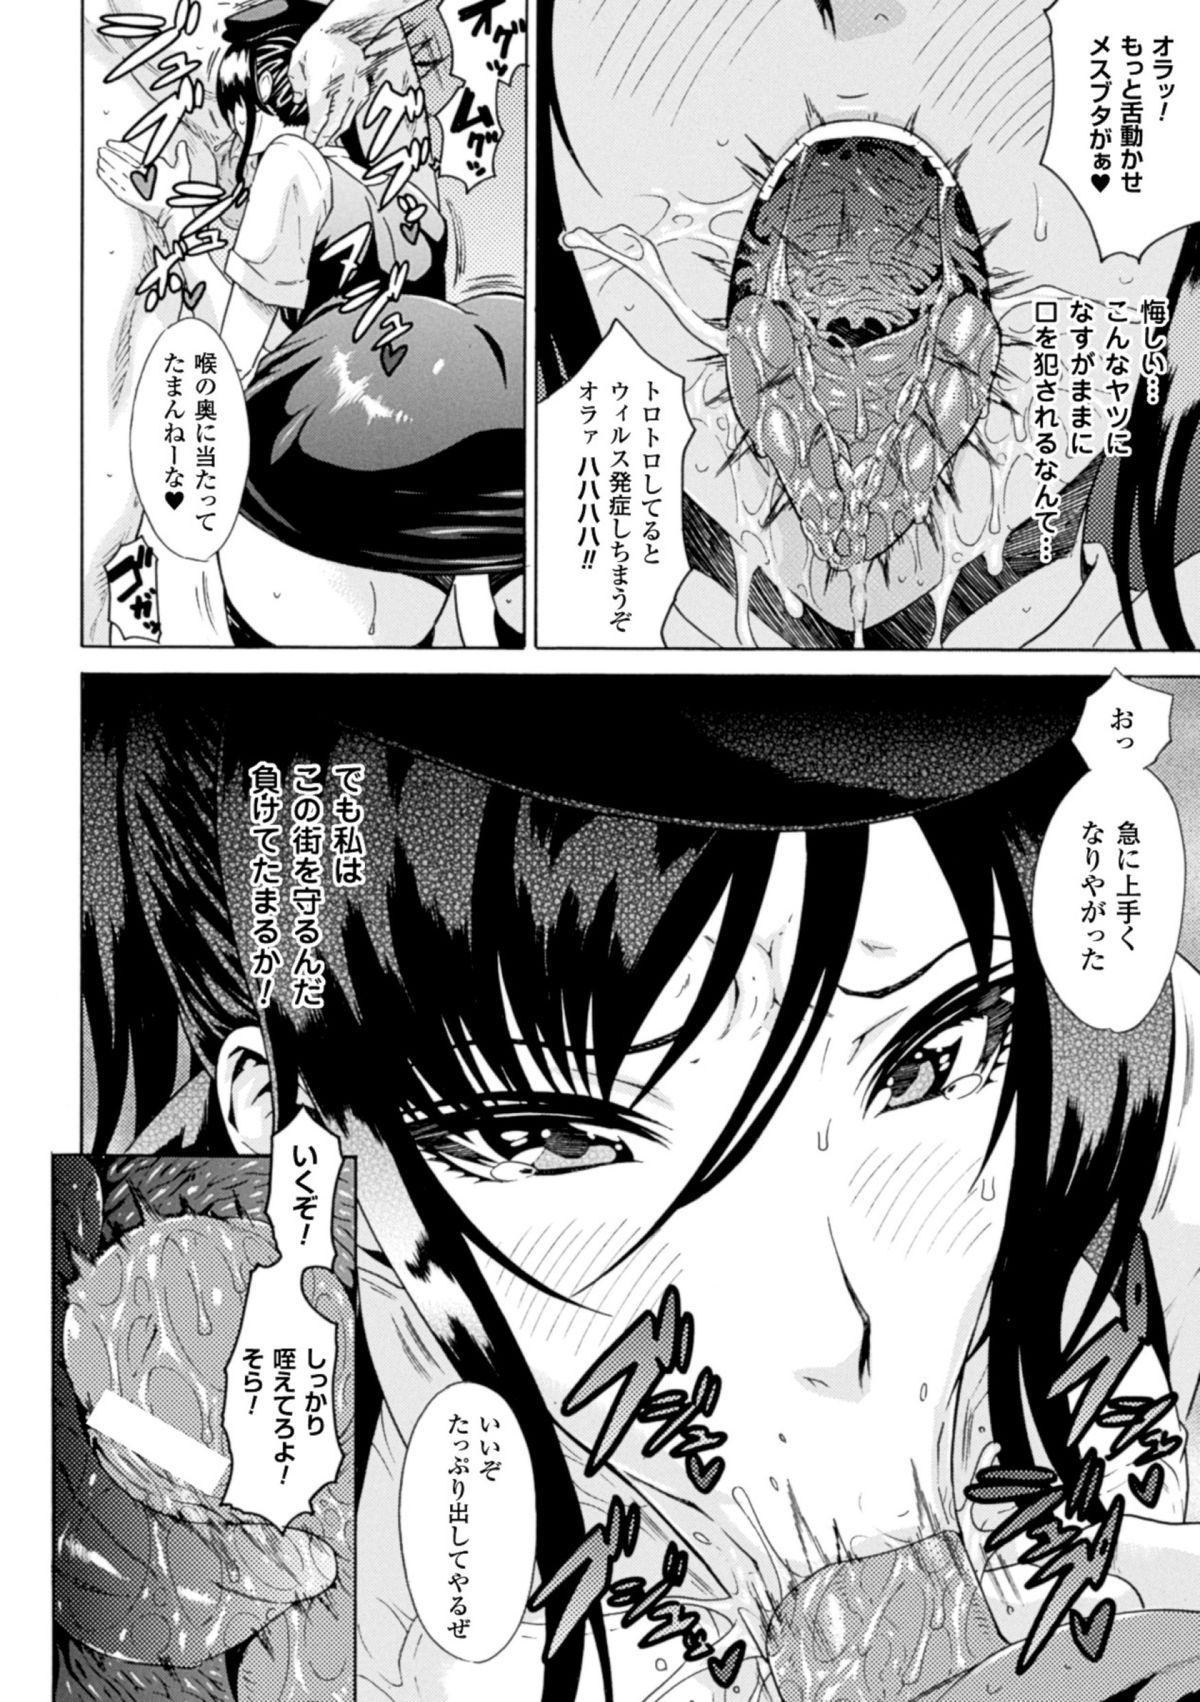 Hyottoko FellaGao wo Sarasu Bishoujo-tachi Vol. 1 11